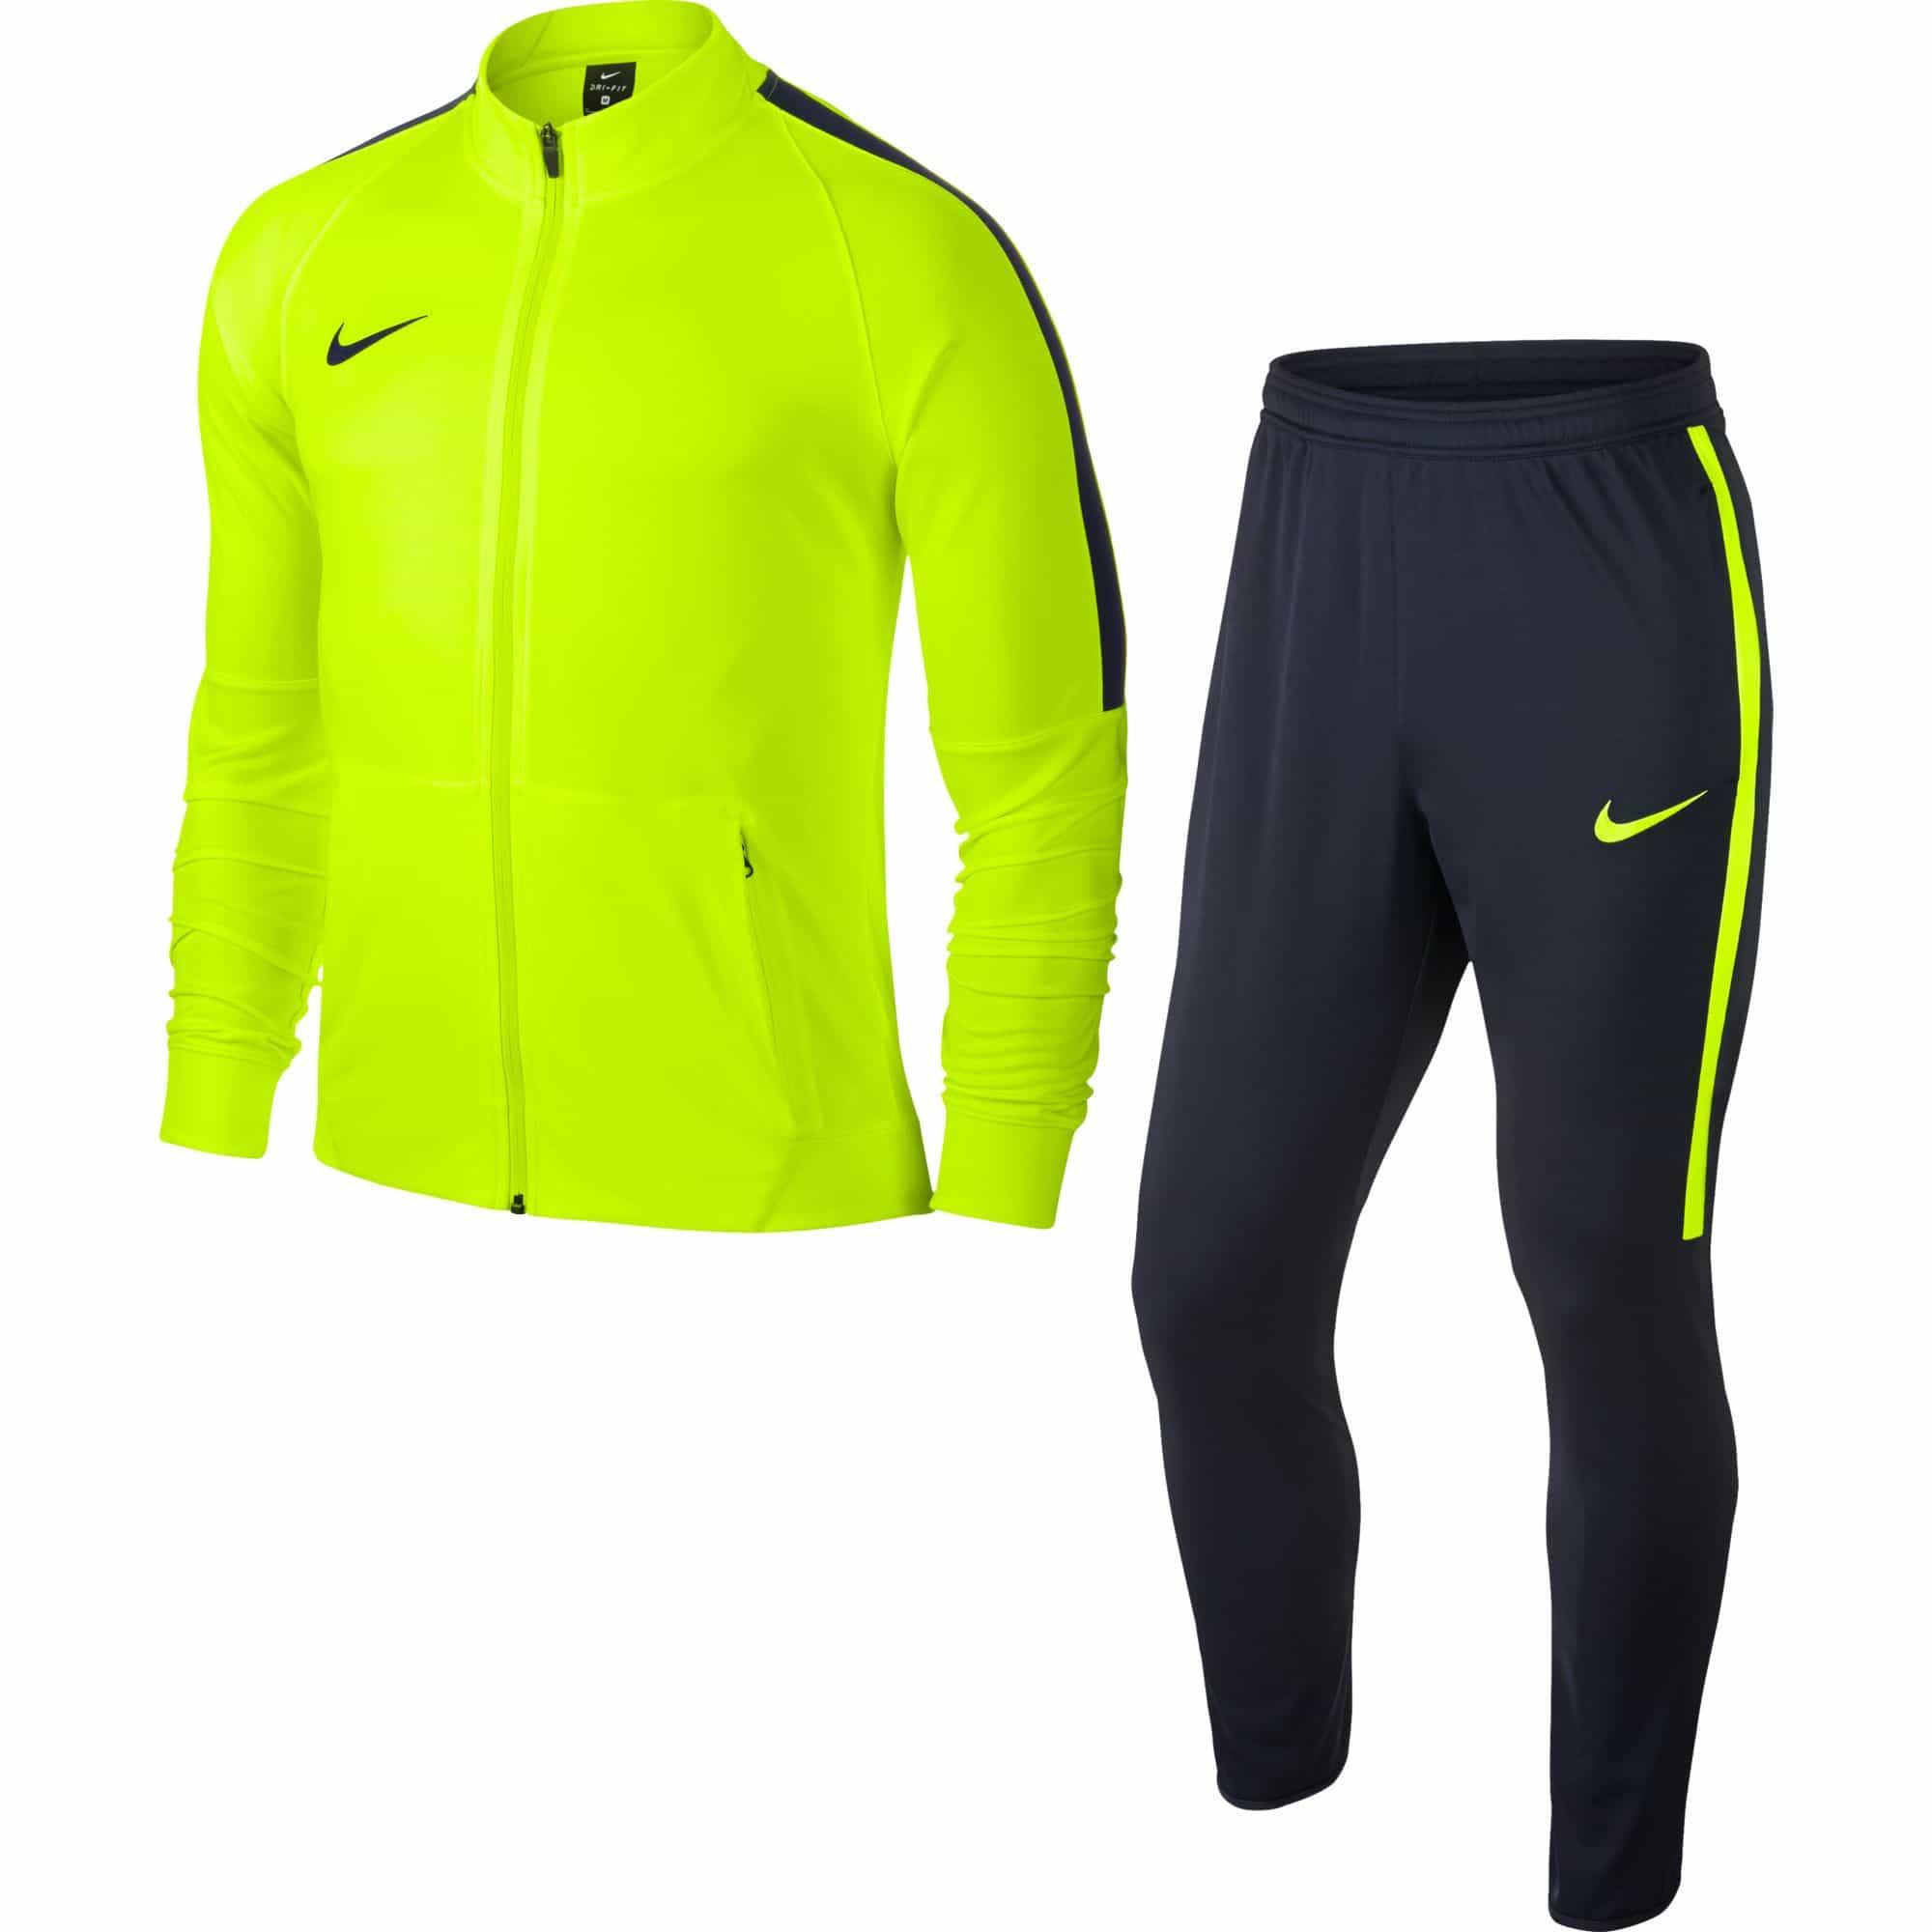 e1b04c3c8b0 Grands baskets discount Nike en ligne à vendre. L authentique vente de  survetement nike pour garcon froid France sera aimée par votre coeur.